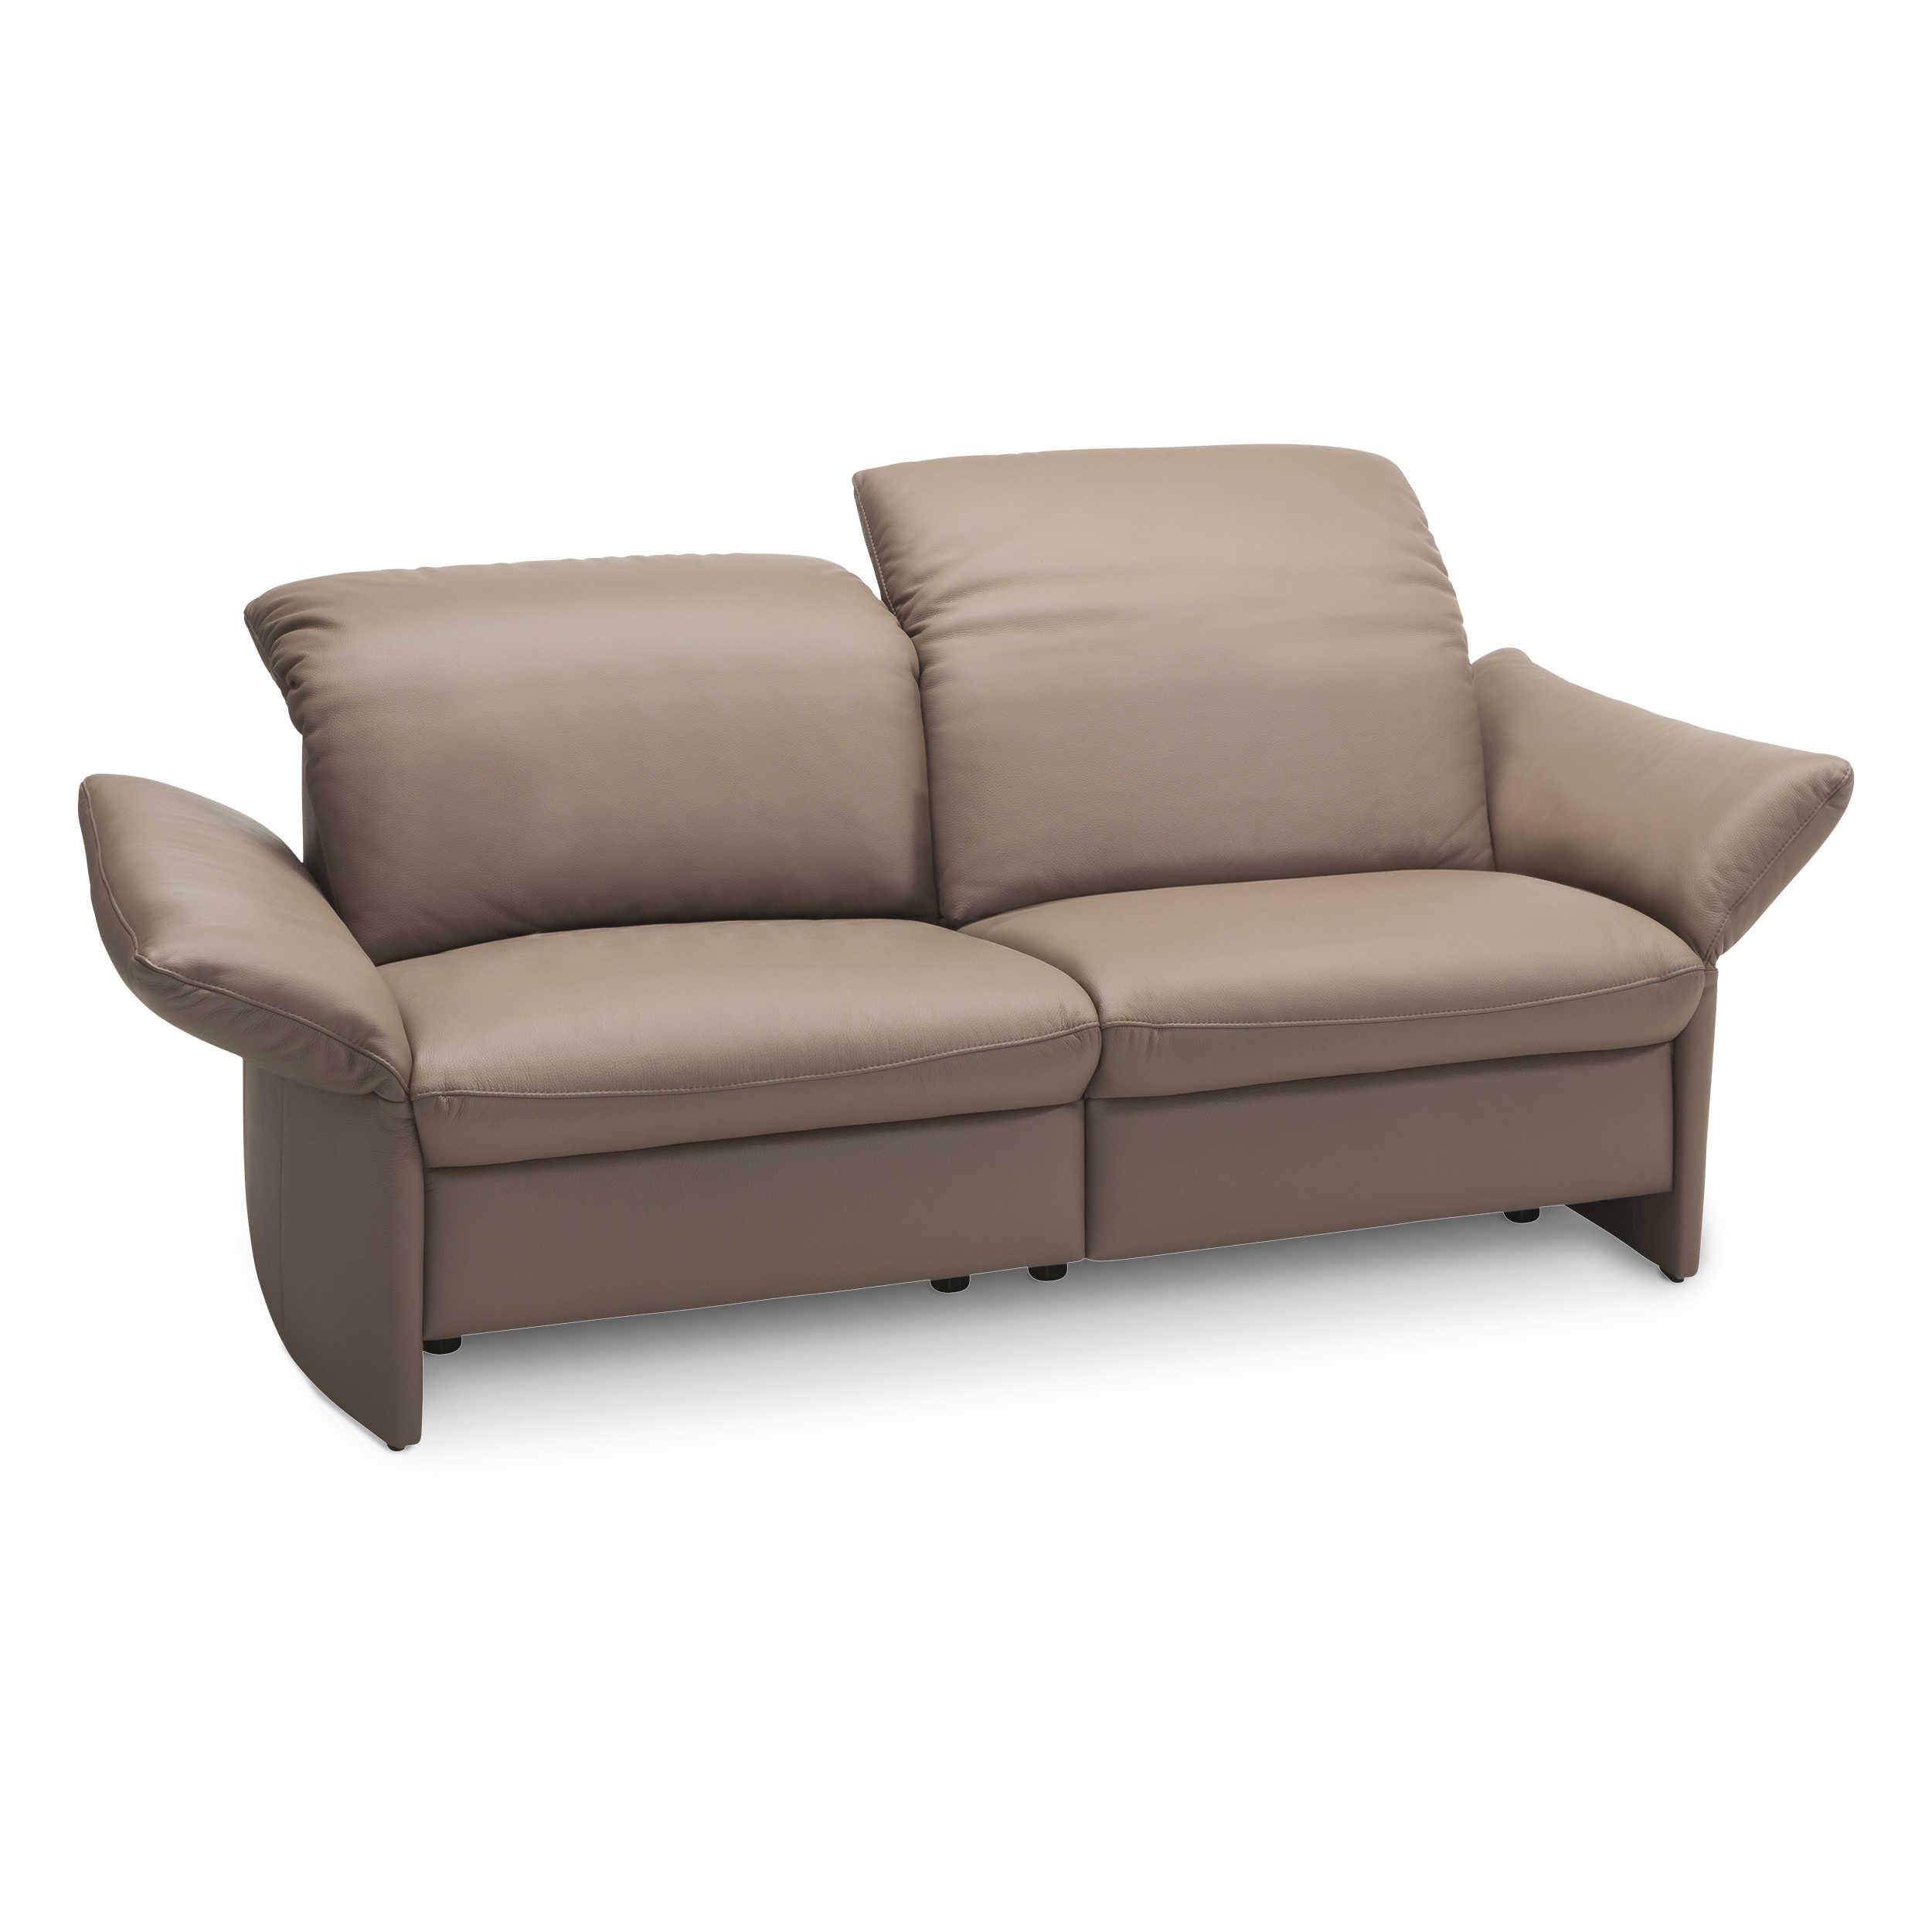 gallery m sofa viviana braun leder online kaufen bei woonio. Black Bedroom Furniture Sets. Home Design Ideas